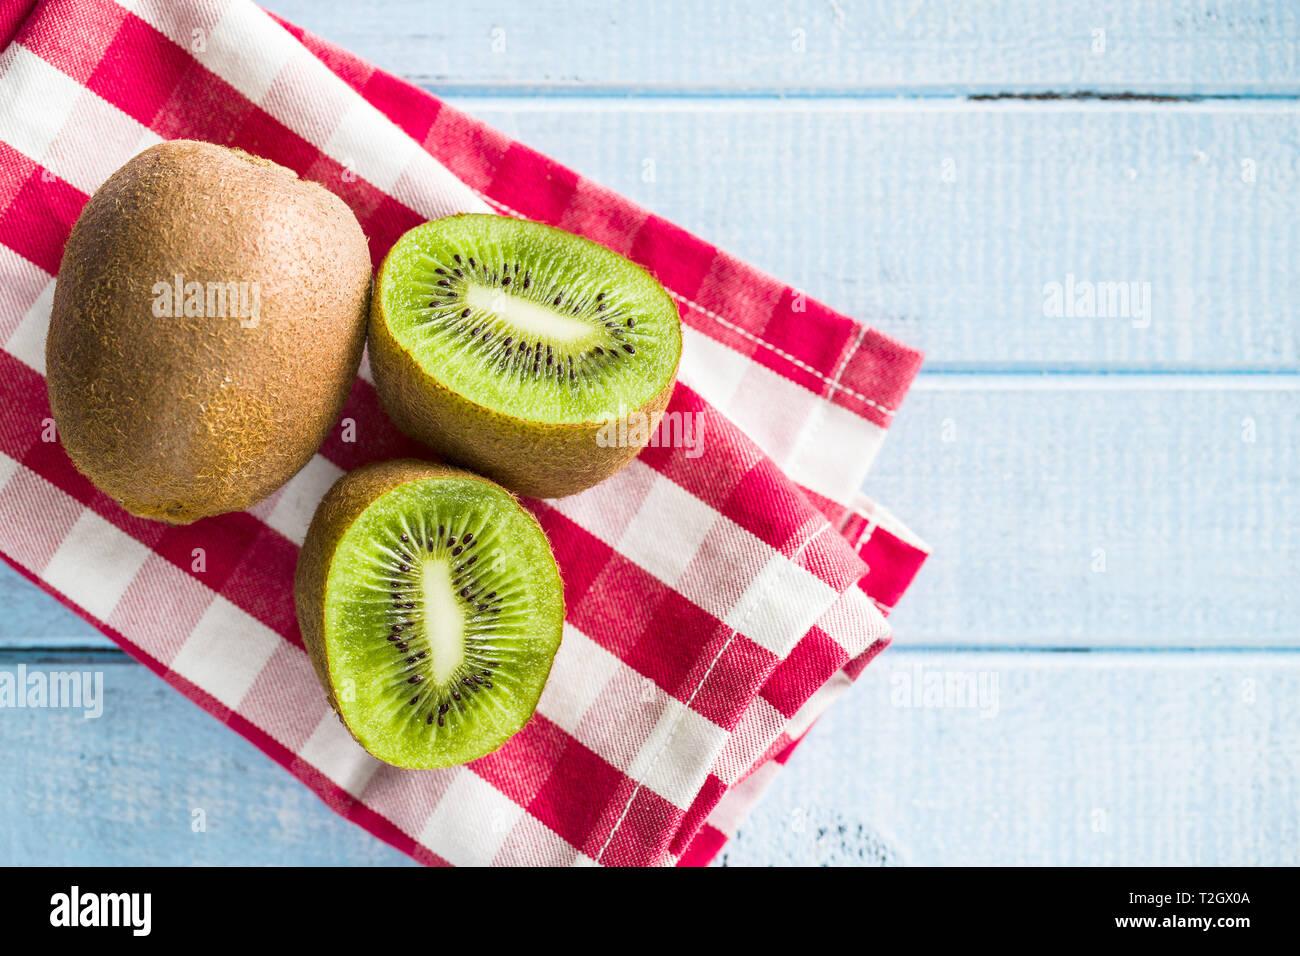 Sliced kiwi fruit on checkered napkin. Top view. - Stock Image